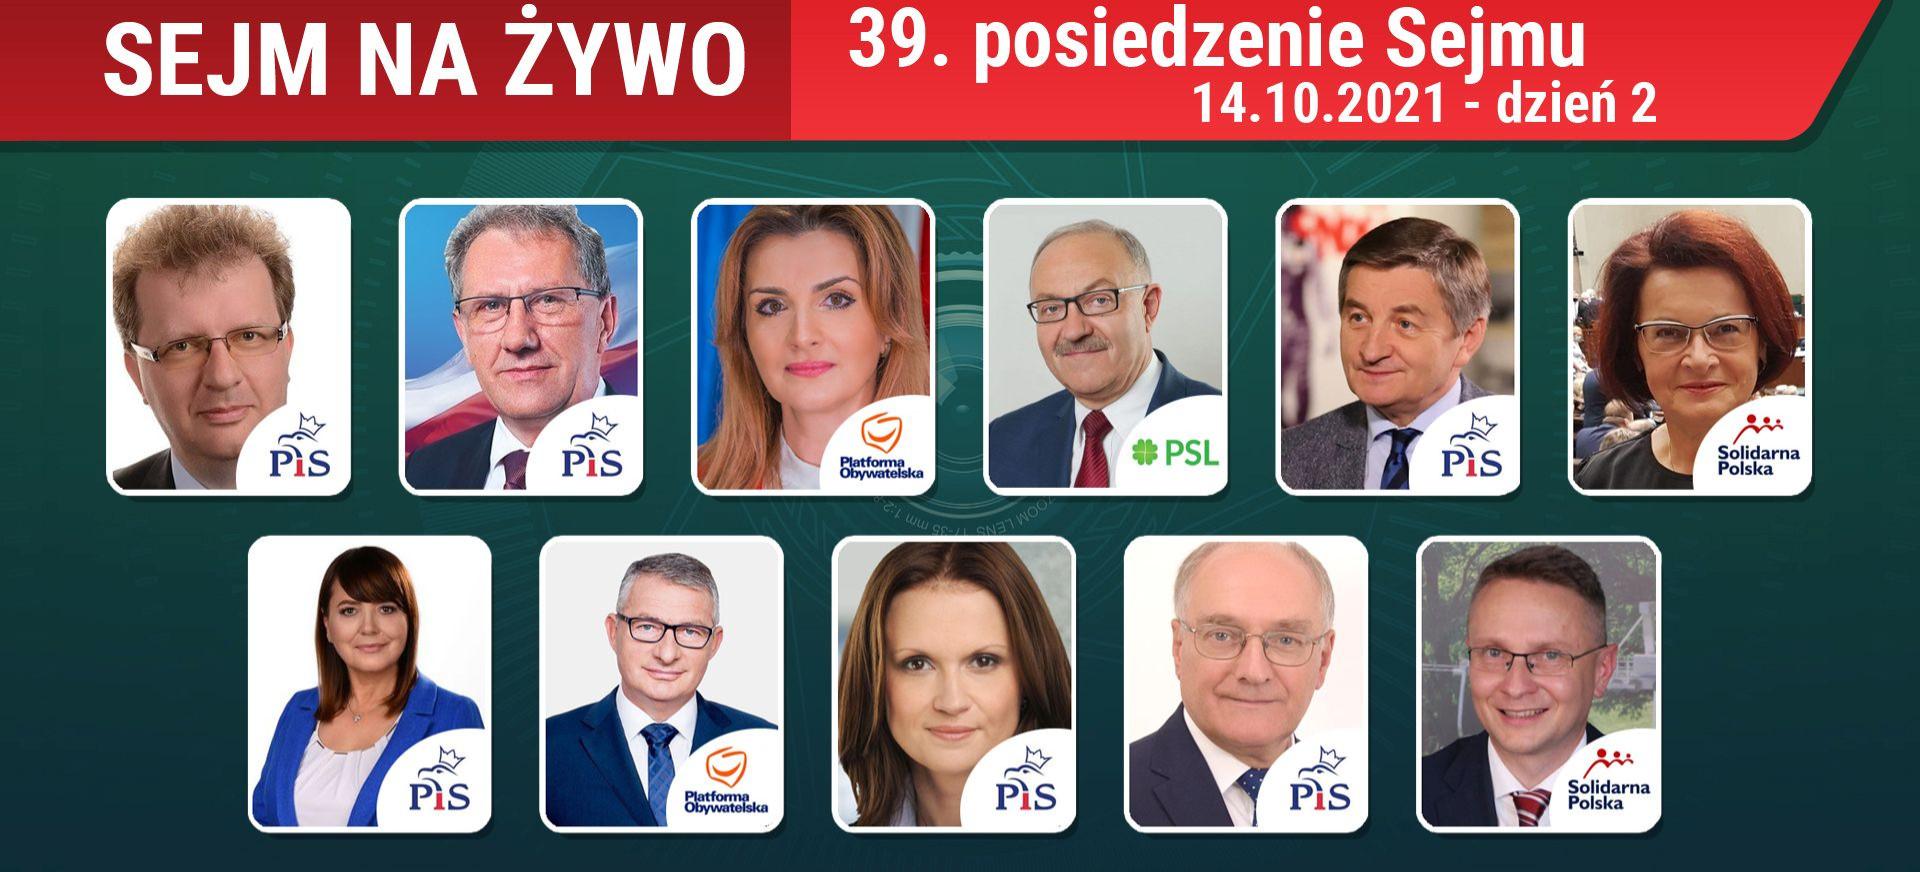 tvPolska.pl : Pierwsze czytanie projektu ustawy budżetowej na 2022 rok. Oglądaj NA ŻYWO!